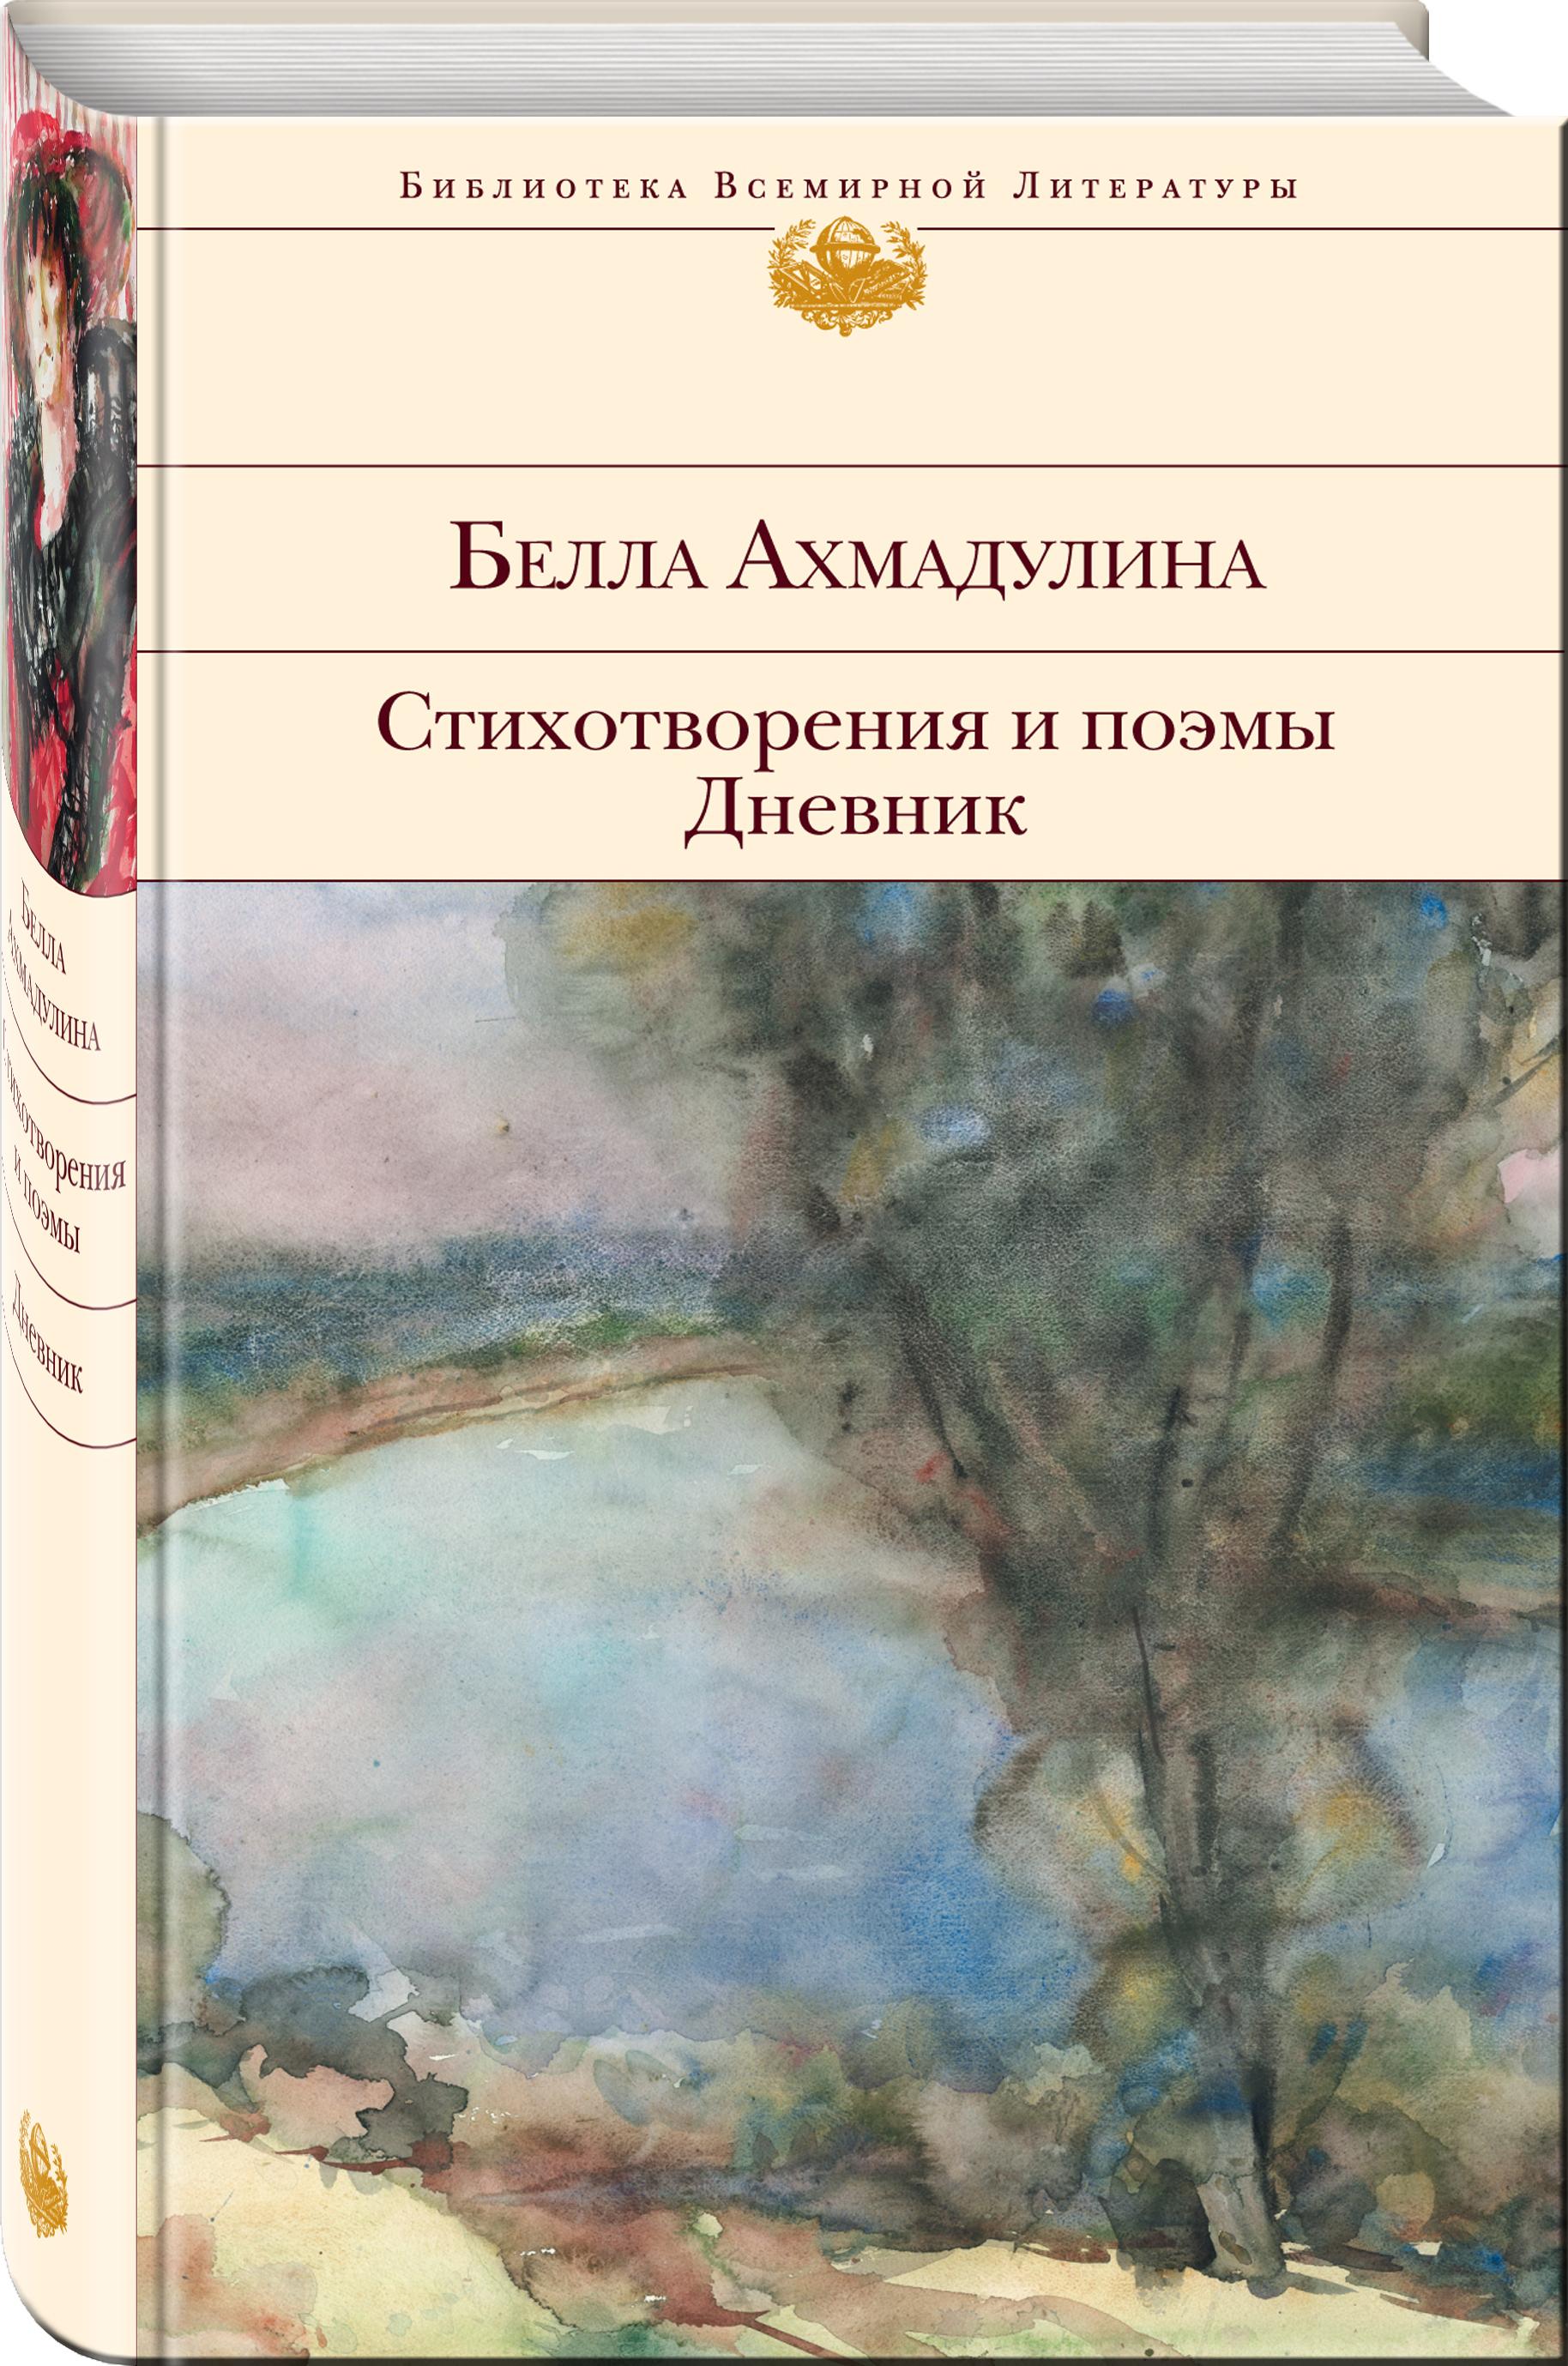 Ахмадулина Б.А. Стихотворения и поэмы. Дневник